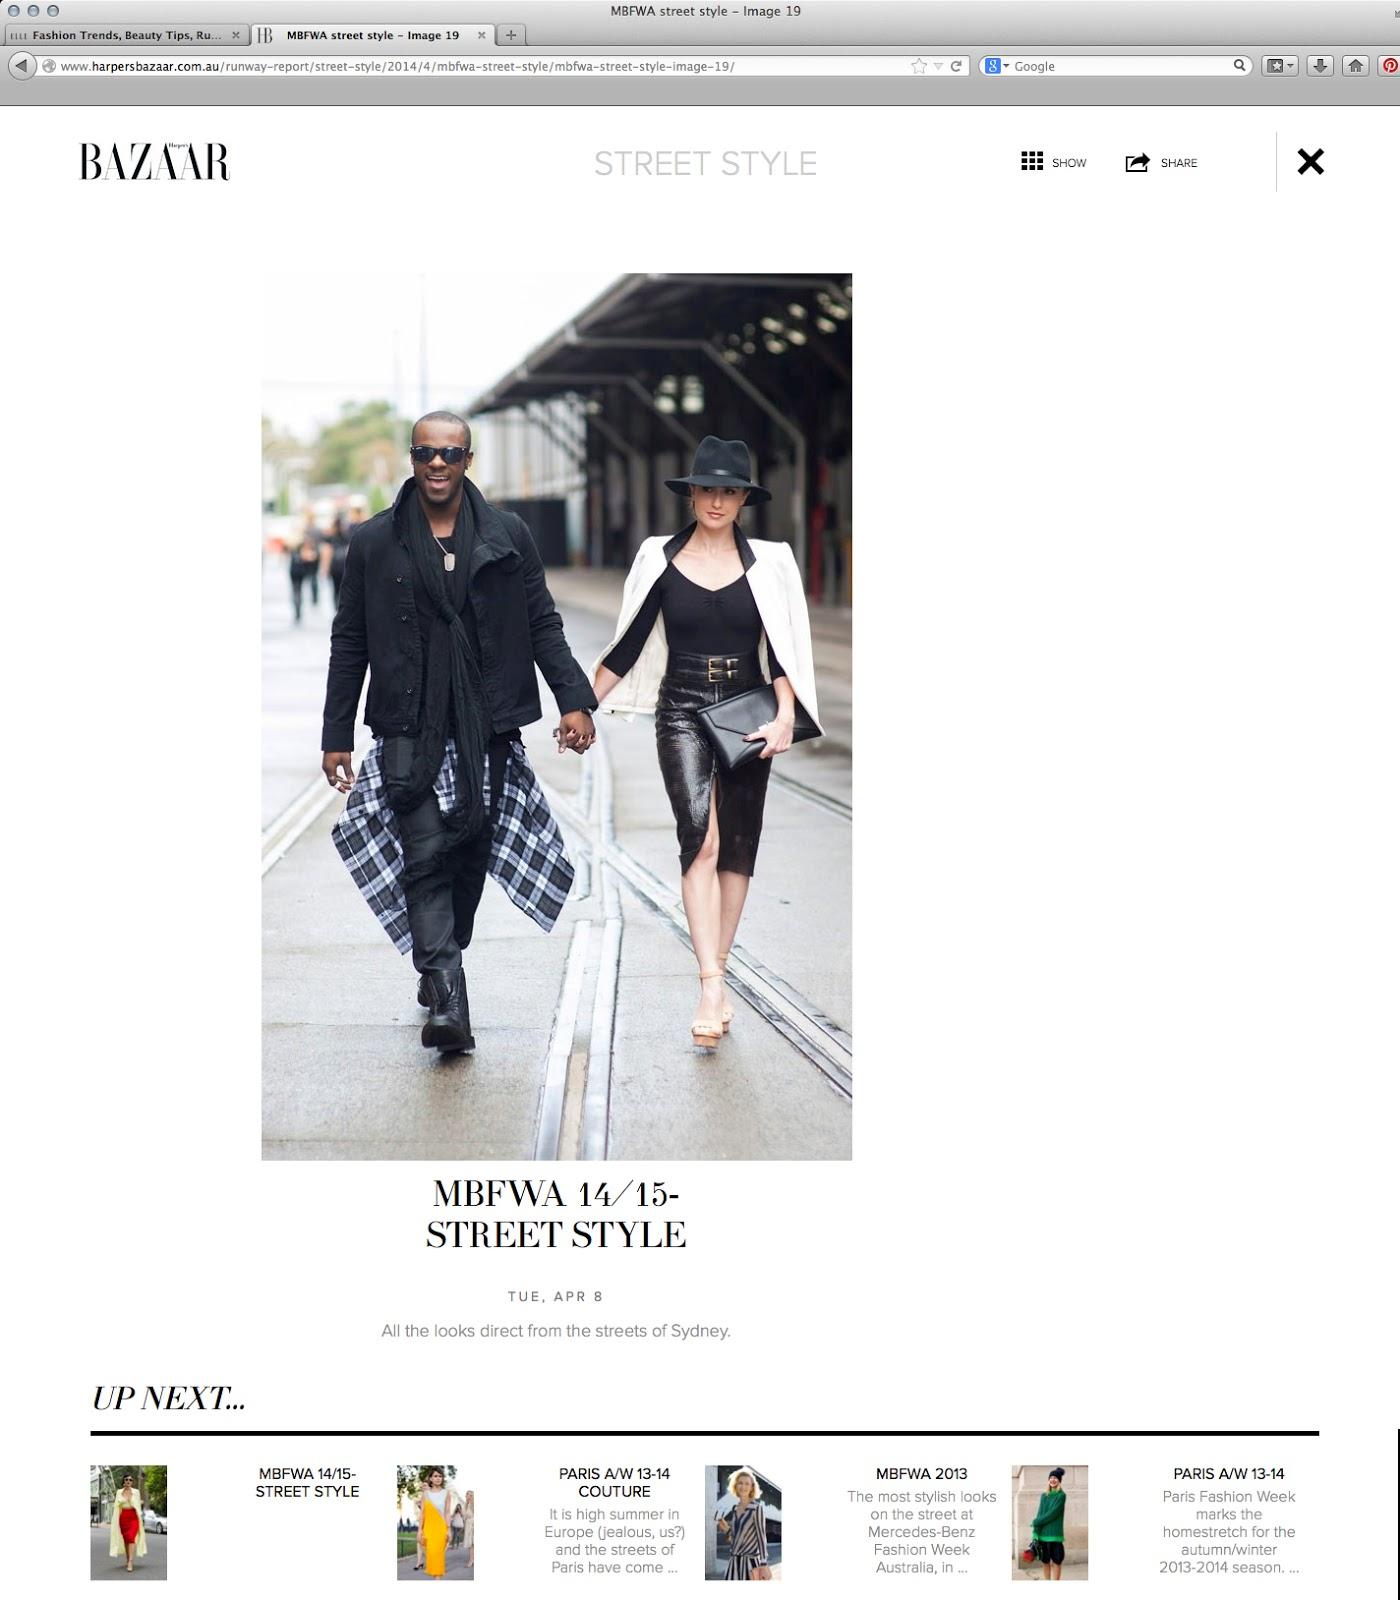 http://www.harpersbazaar.com.au/runway-report/street-style/2014/4/mbfwa-street-style/mbfwa-street-style-image-19/